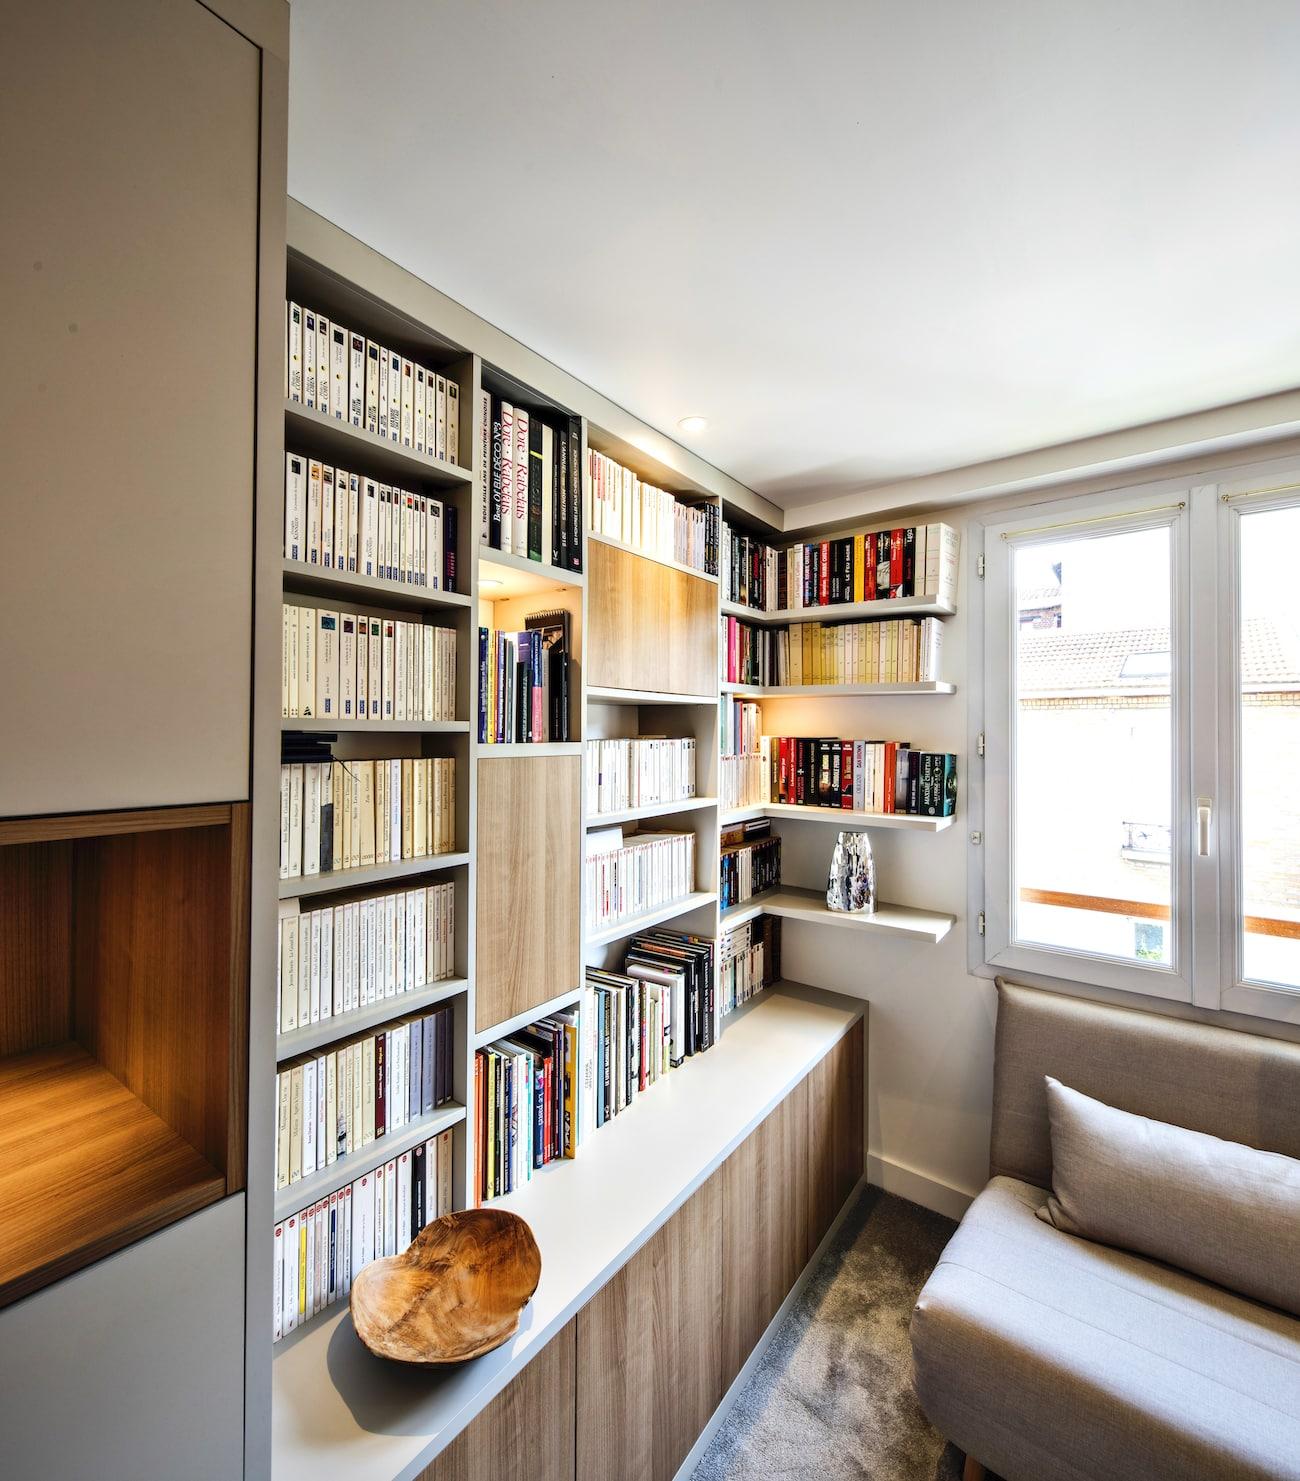 bibliothèque blanche sur-mesure aux niches en bois